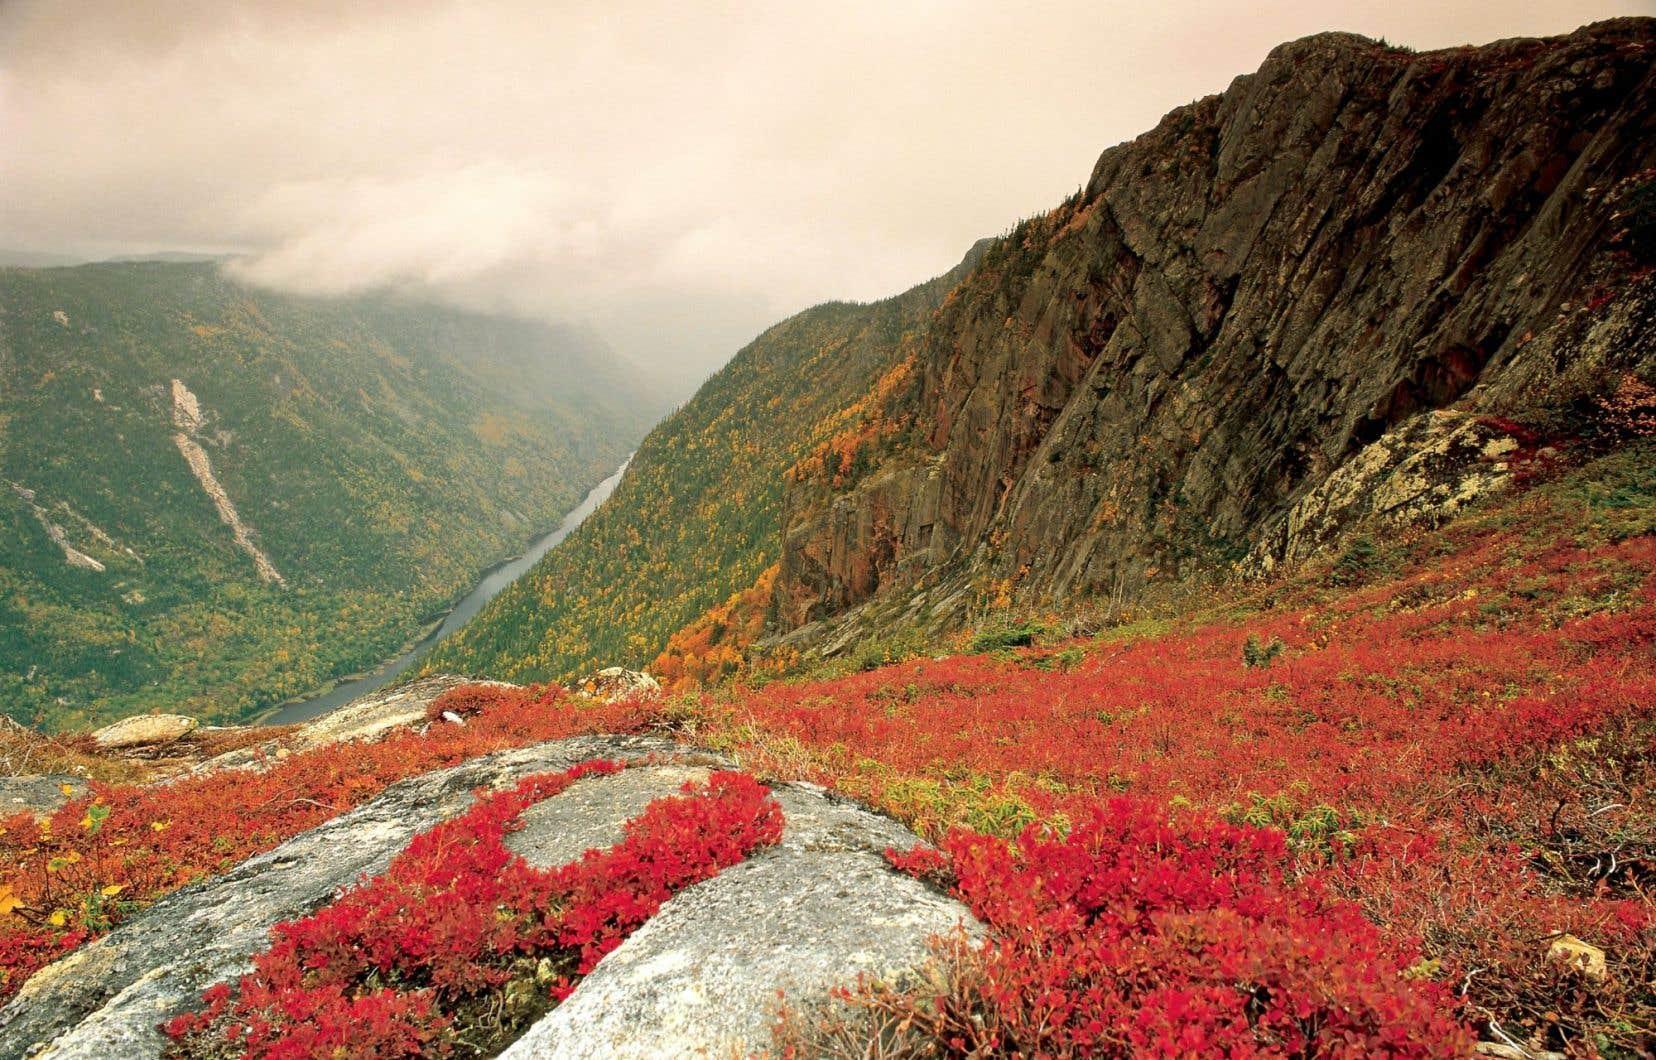 L'Acropole-des-Draveurs, le summum de la randonnée au parc des Hautes-Gorges, offre des paysages d'automne qui semblent irréels.